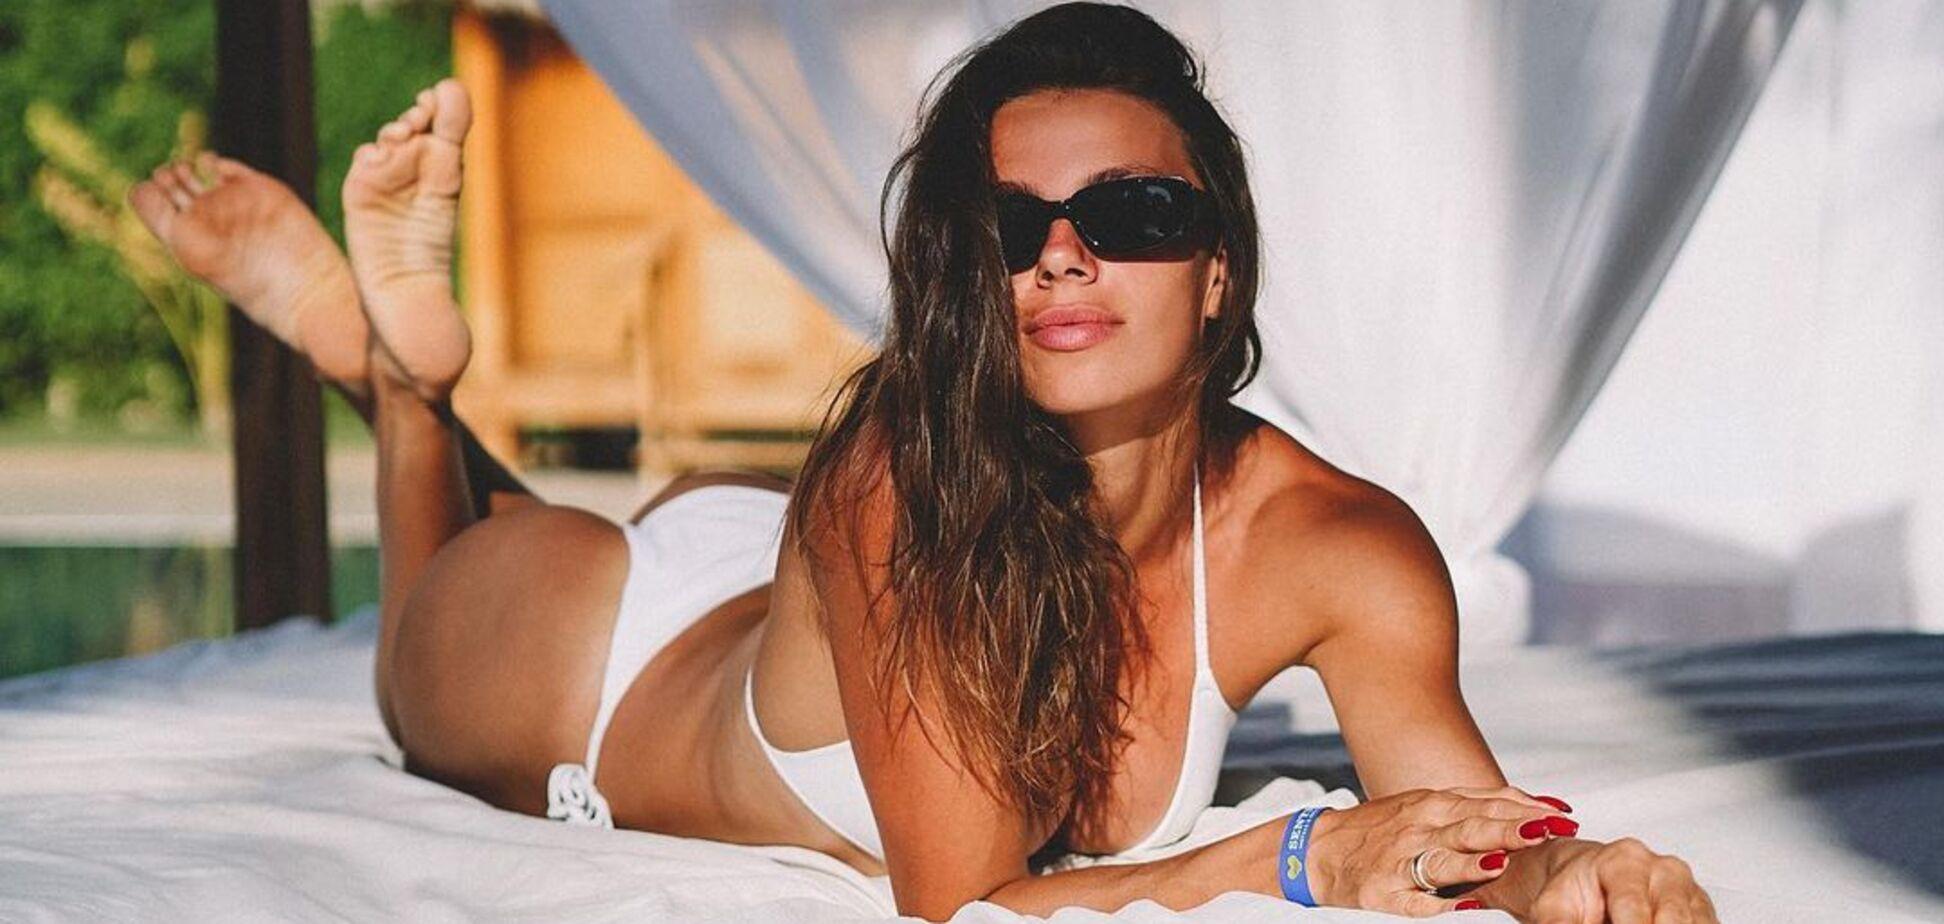 Красуня-спортсменка Бех-Романчук похвалилася формами на пляжі